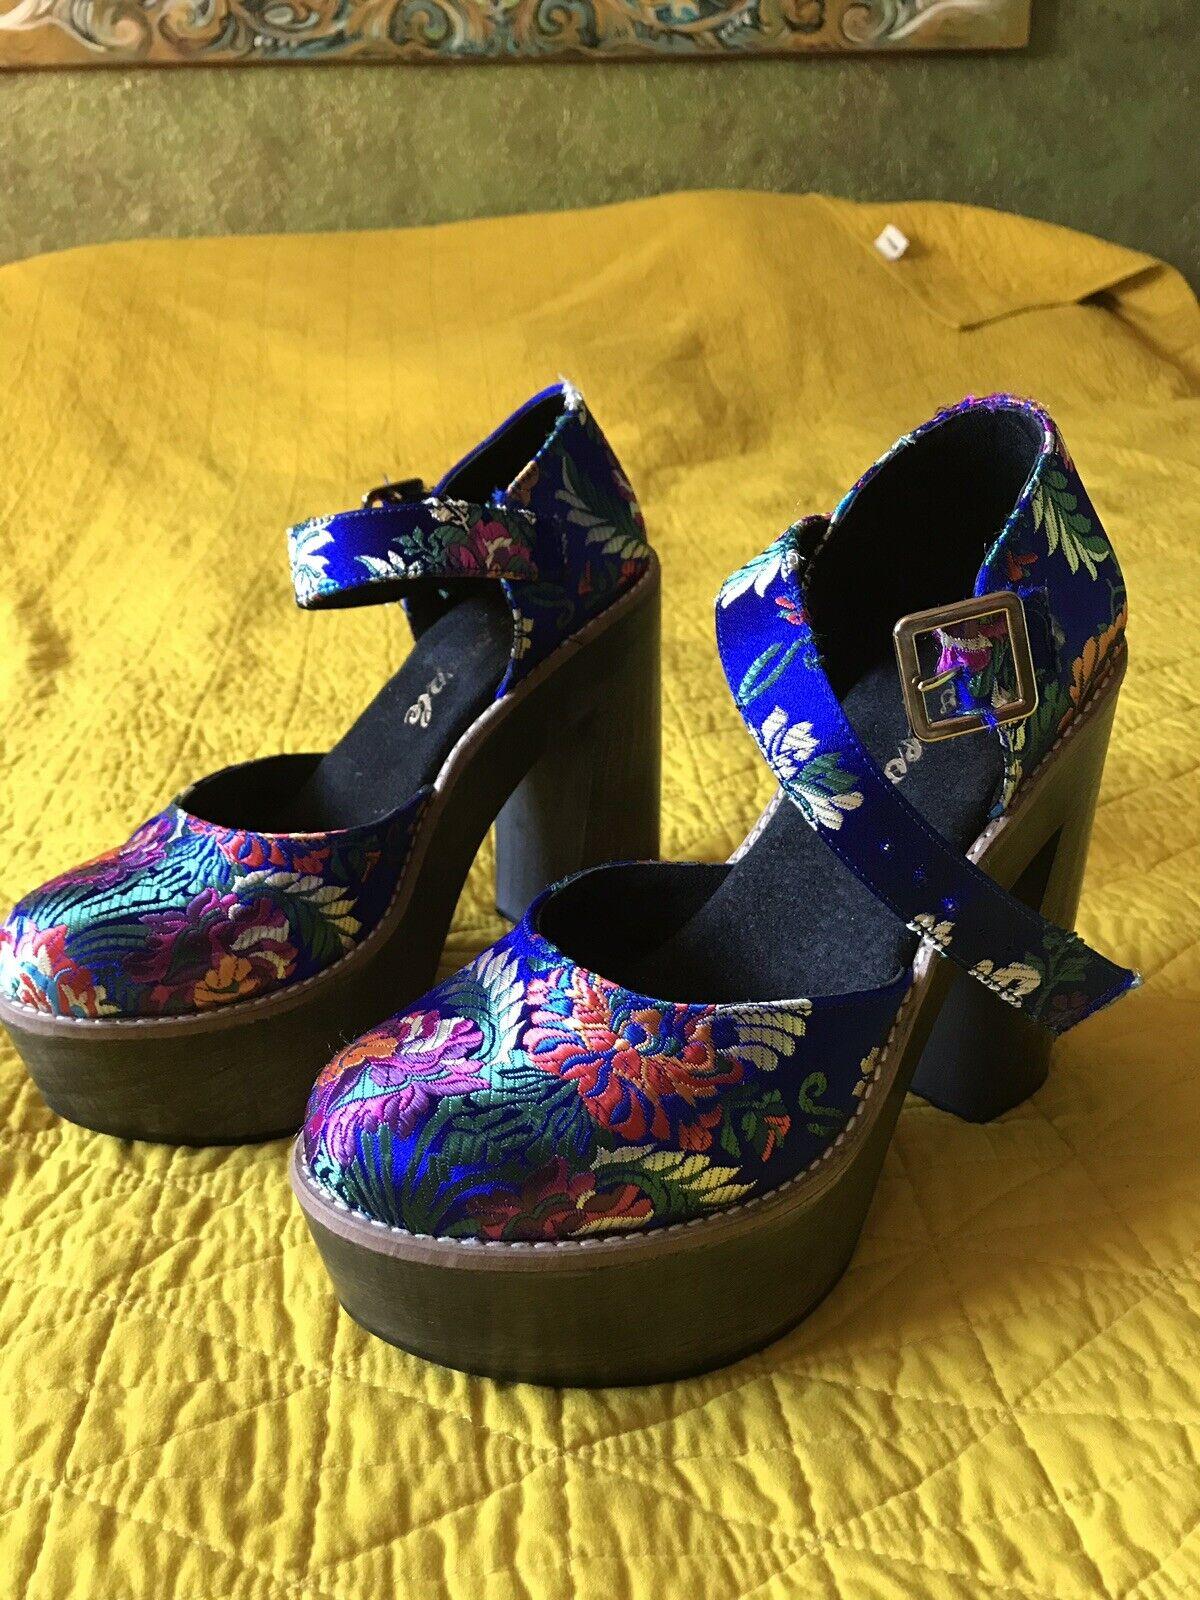 tutti i prodotti ottengono fino al 34% di sconto Free People blu Starlet Oriental Oriental Oriental Brocade Mary Jane Platform Heels 8 NWOB 38  basso prezzo del 40%